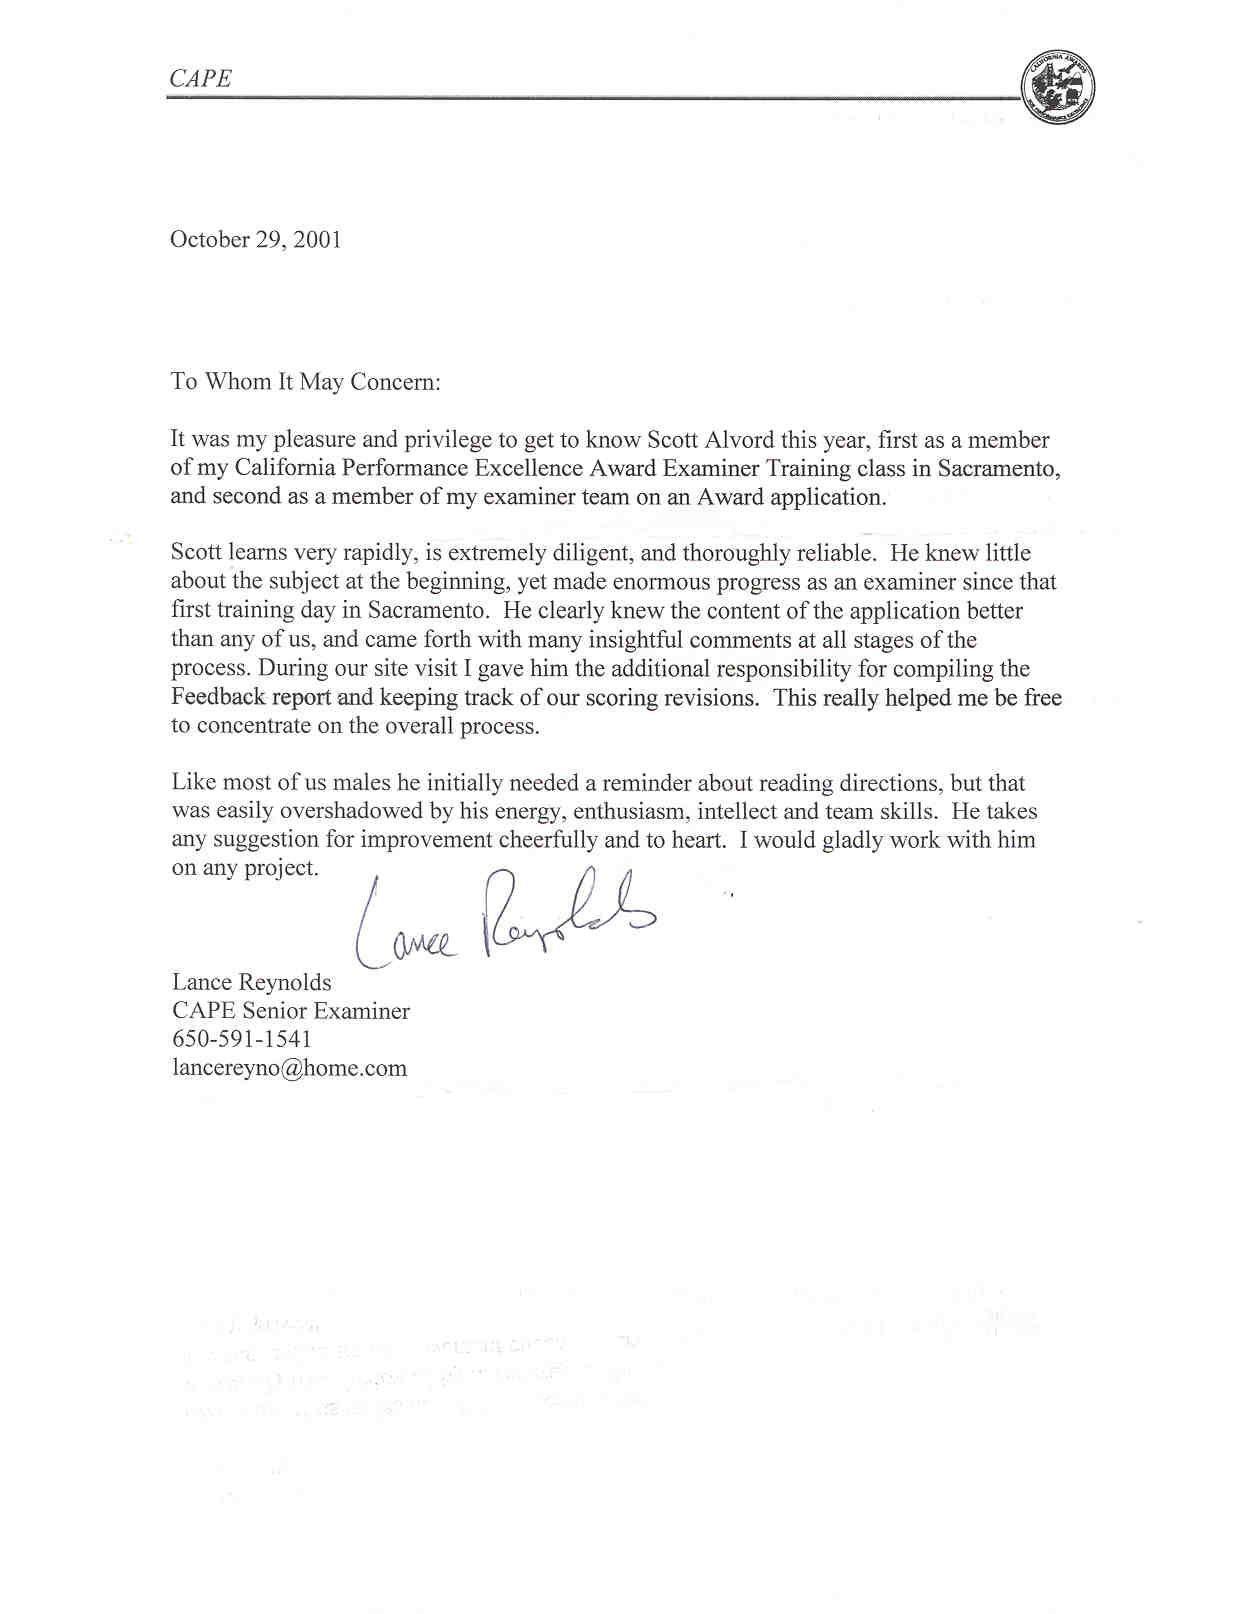 australia visa invitation letter for family resume format hdvisa invitation letter application letter sample cover latter sample pinterest sample